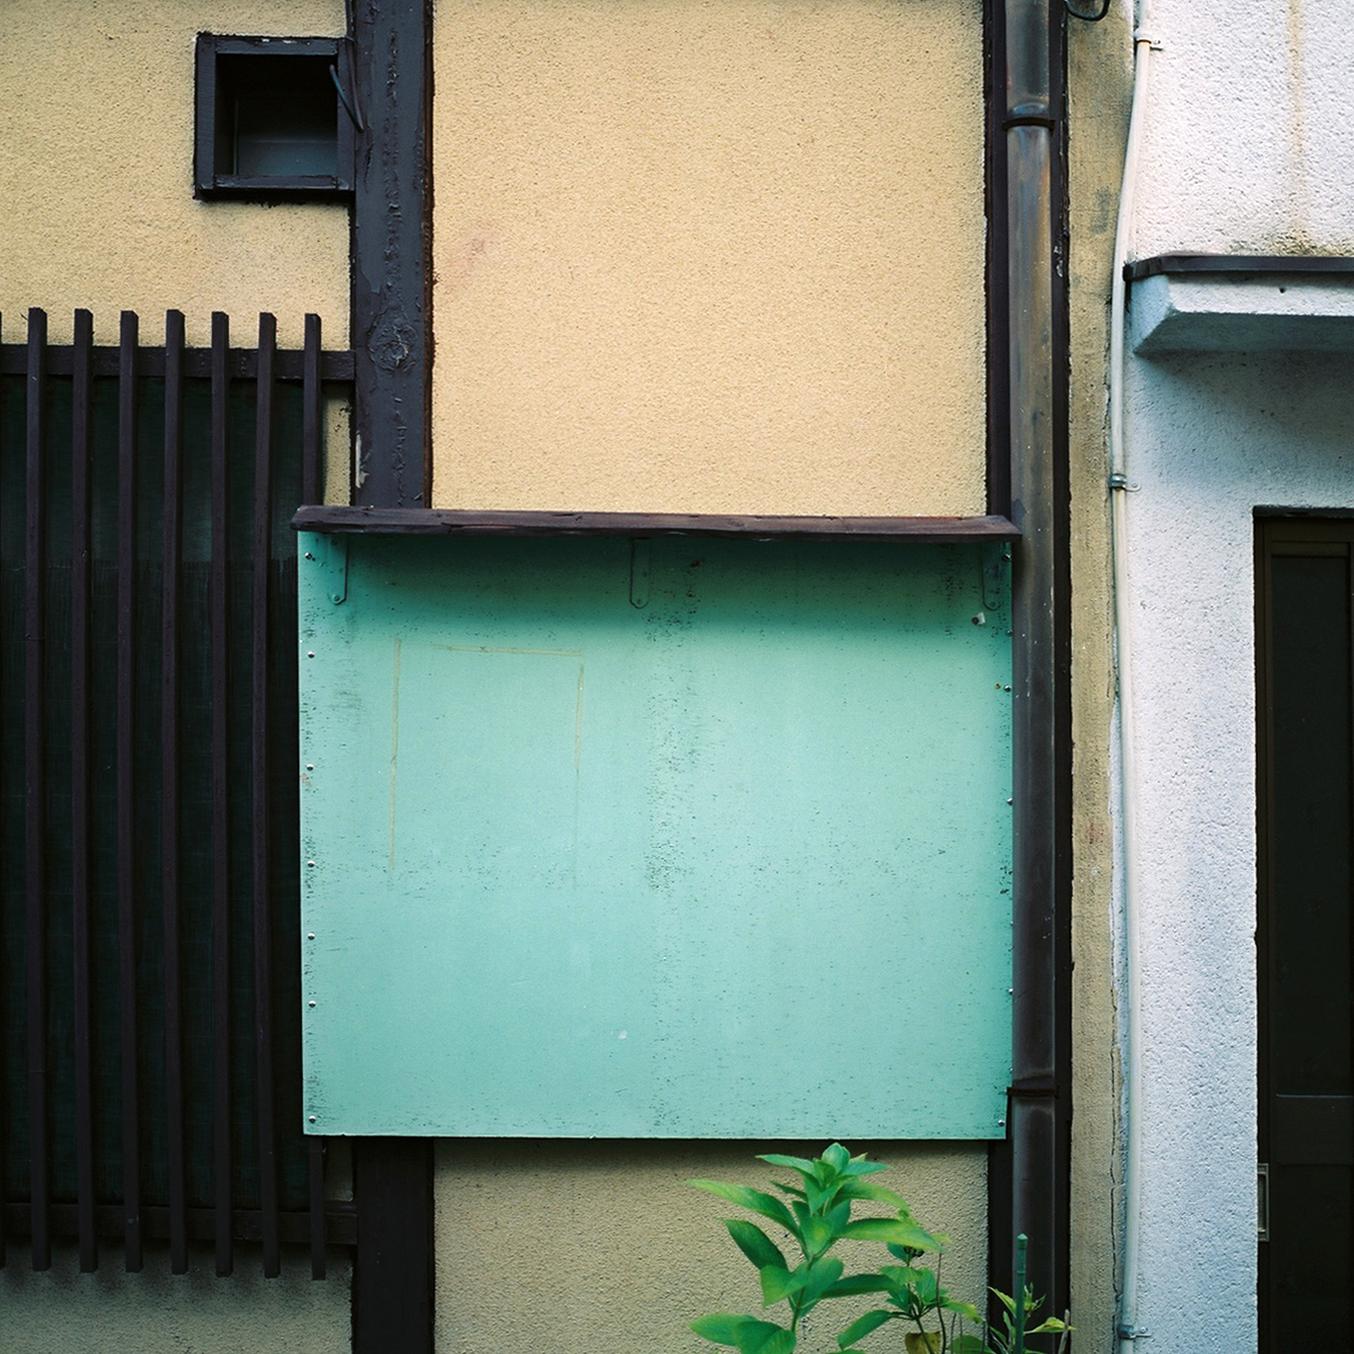 Honganji Temple Village, Shimogyo-ku, Kyoto, Japan, 2012